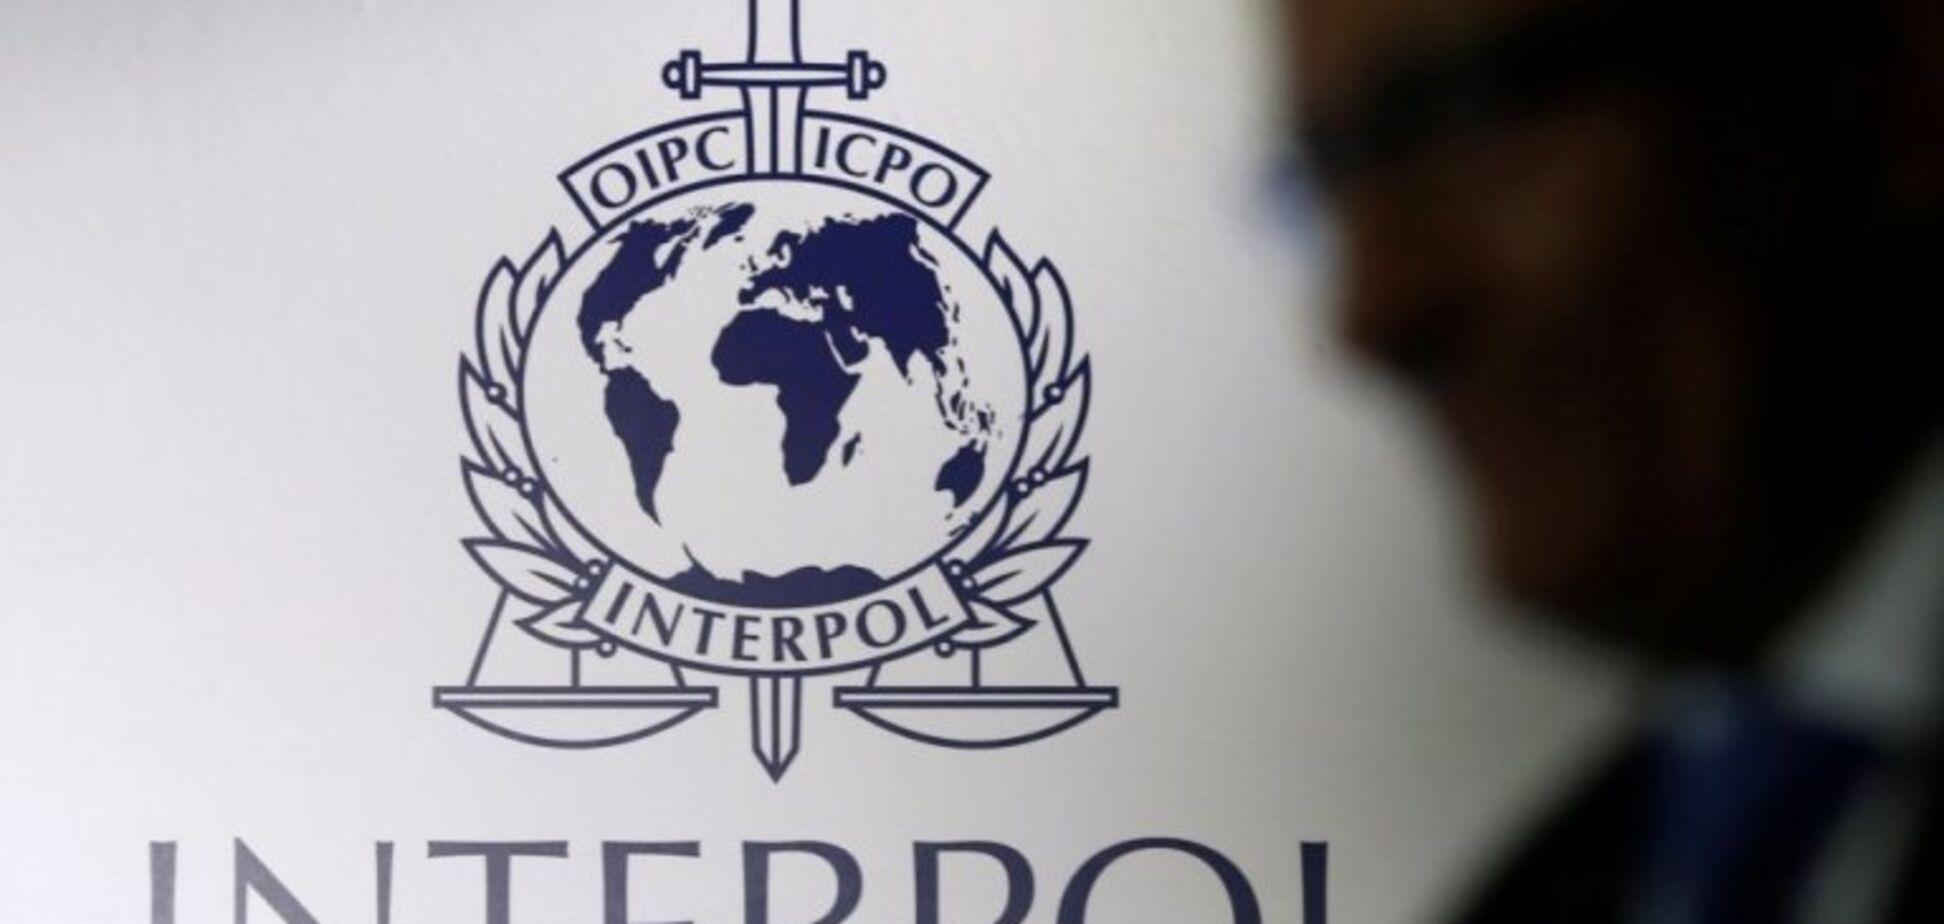 Росіянин на чолі Інтерполу: у планах Кремля знайшли ''підводні камені''